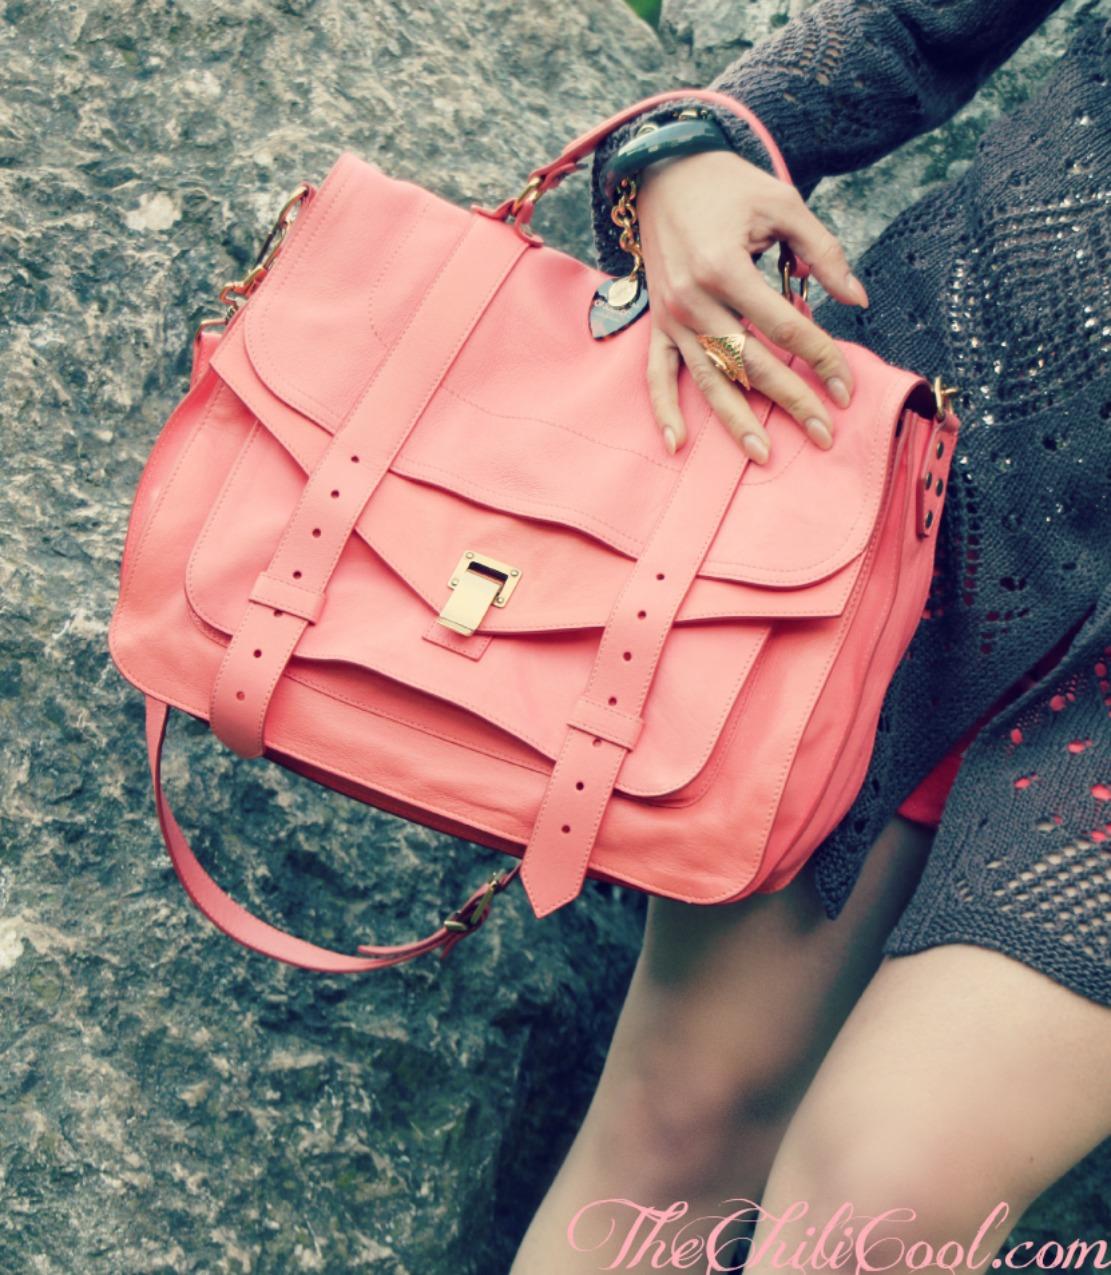 alessia milanese, thechilicool, fashion blog, fashion blogger, Calde tonalità della terra, tra bagliori dorati ed un raffinato color salmone, ps1 proenza schouler, rochas sandals